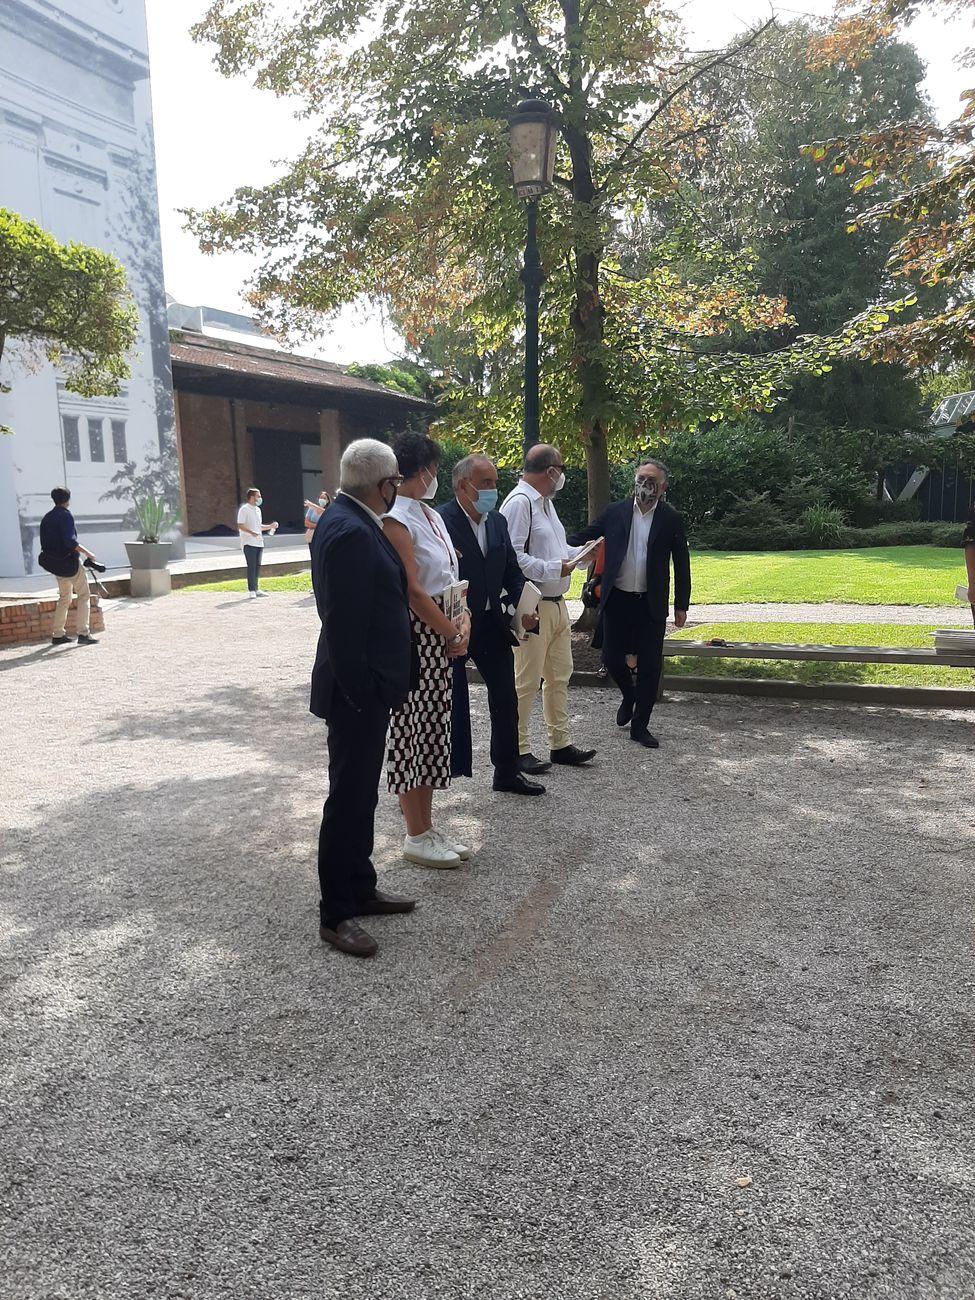 Le Muse inquiete, Padiglione Centrale dei Giardini della Biennale, Venezia 2020, photo Arianna Testino